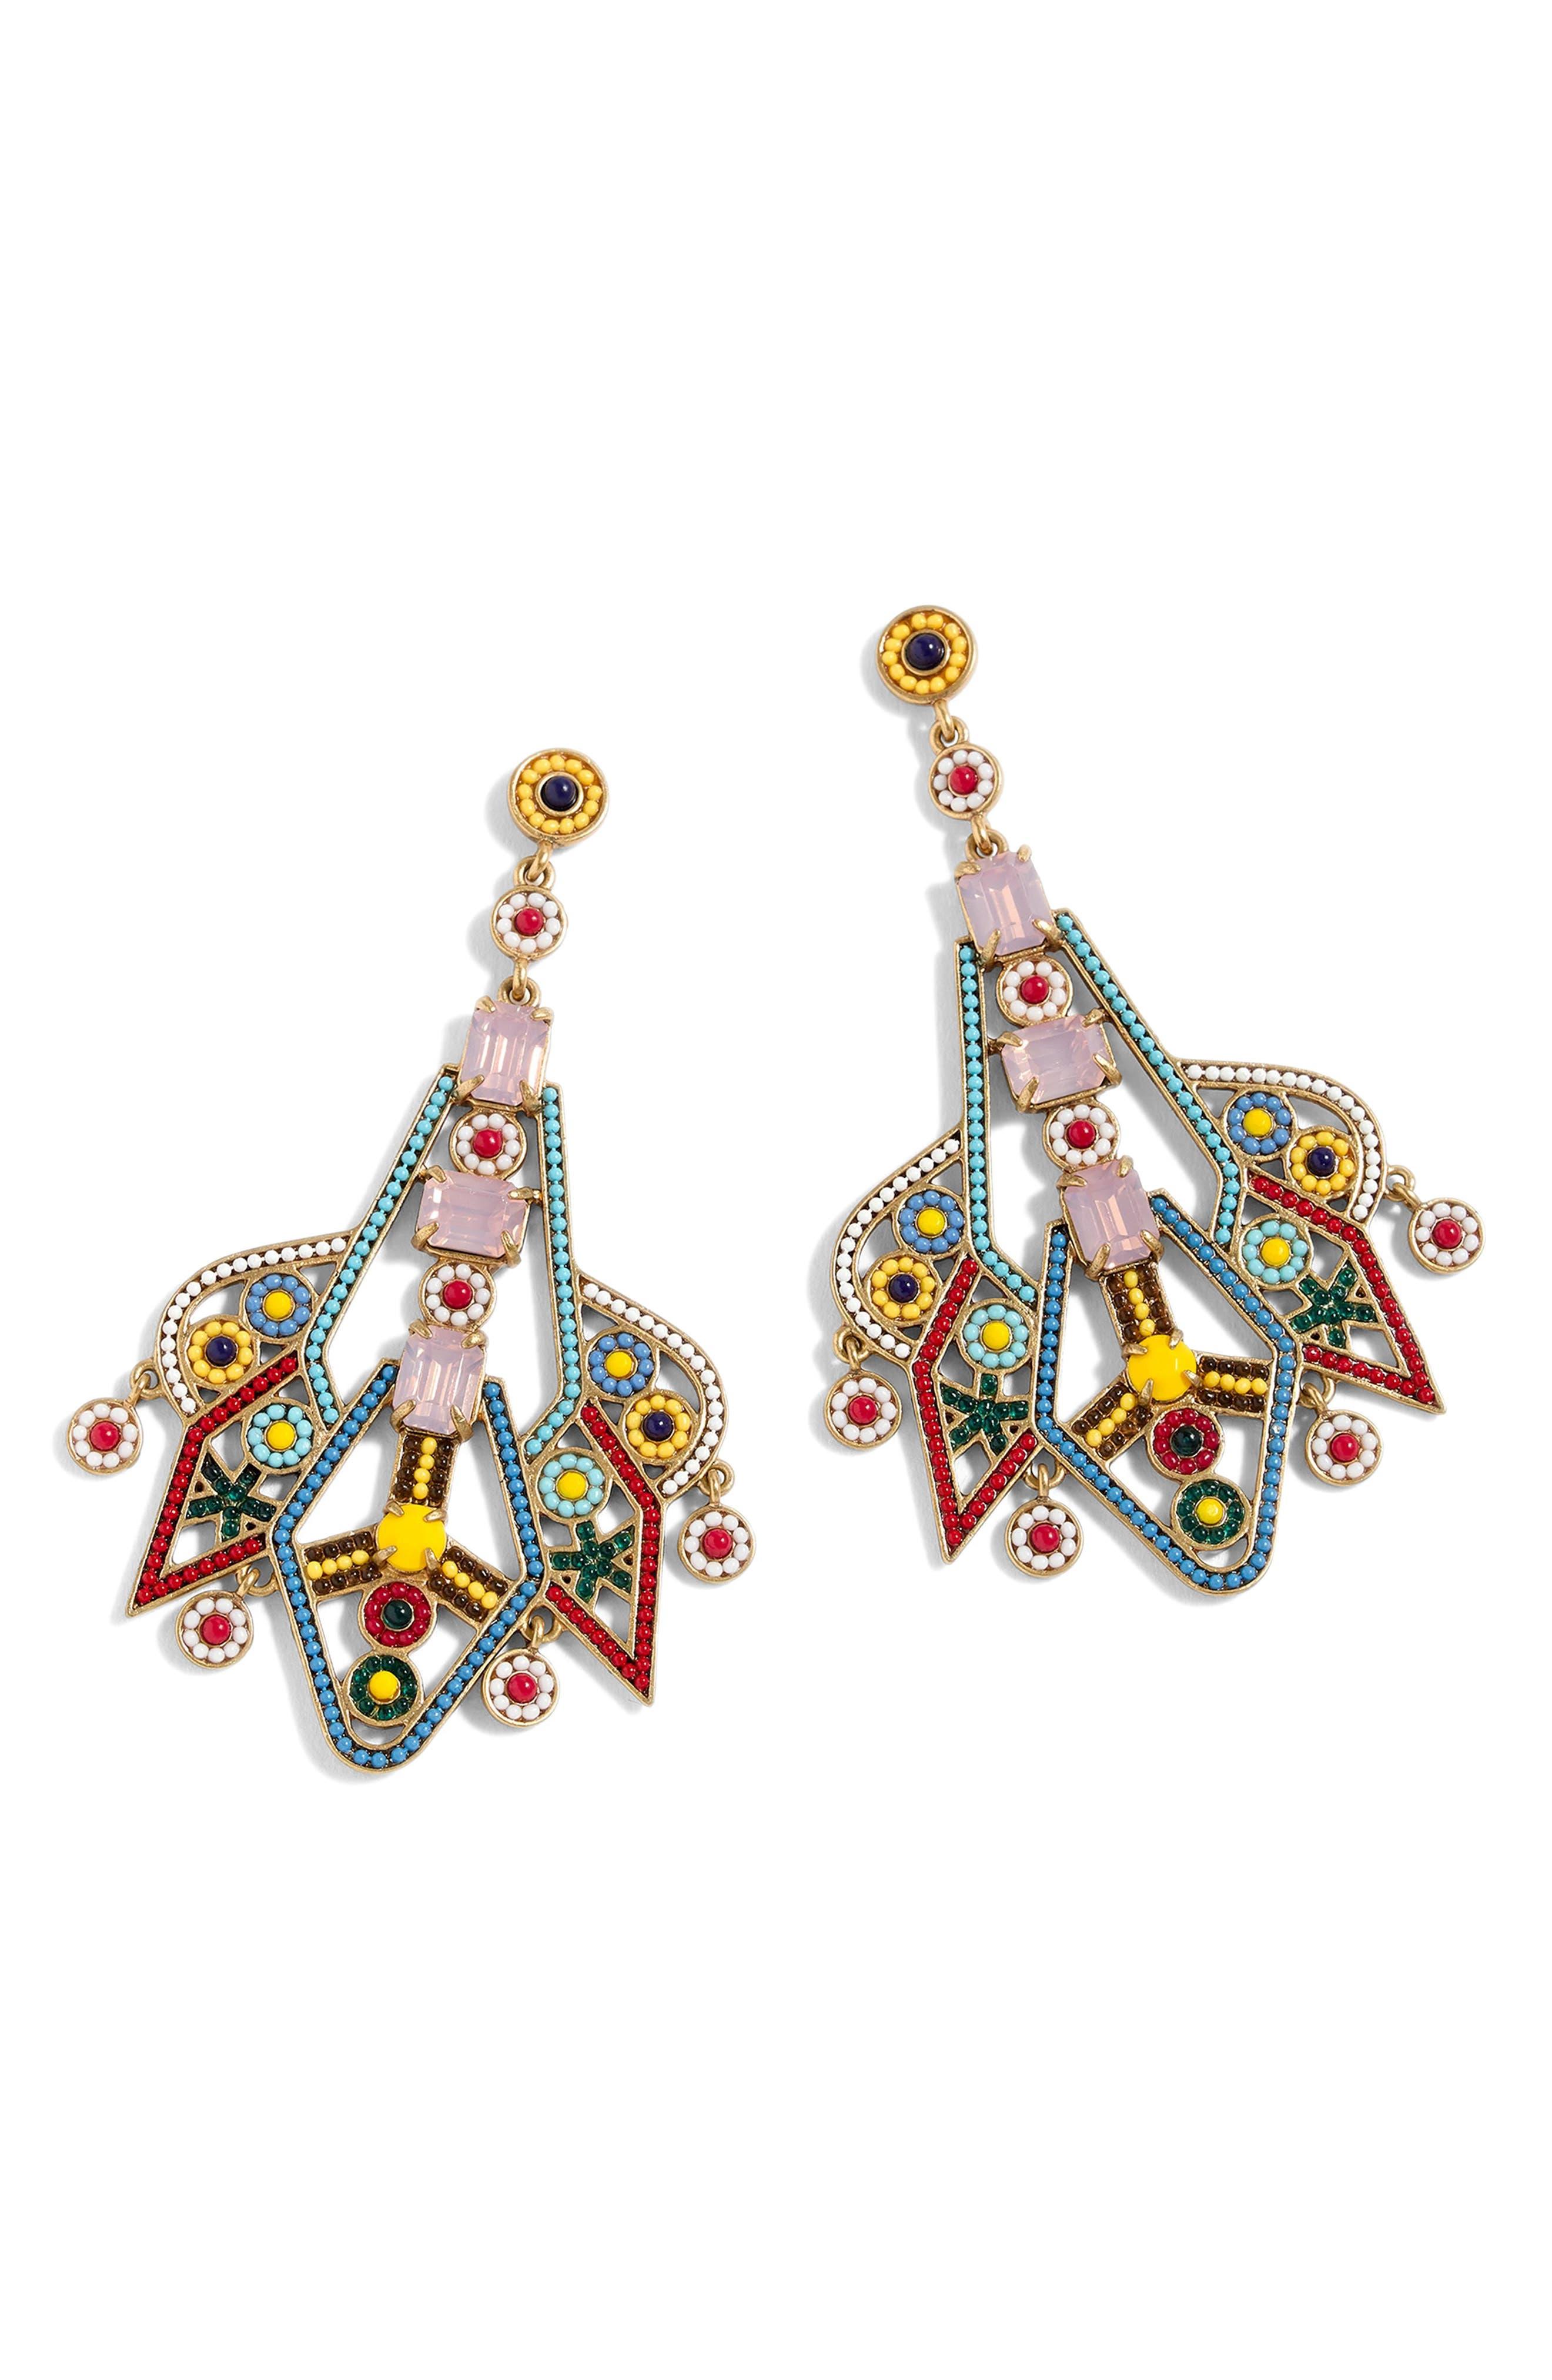 Bead & Stone Drop Earrings,                             Main thumbnail 1, color,                             Yellow Multi